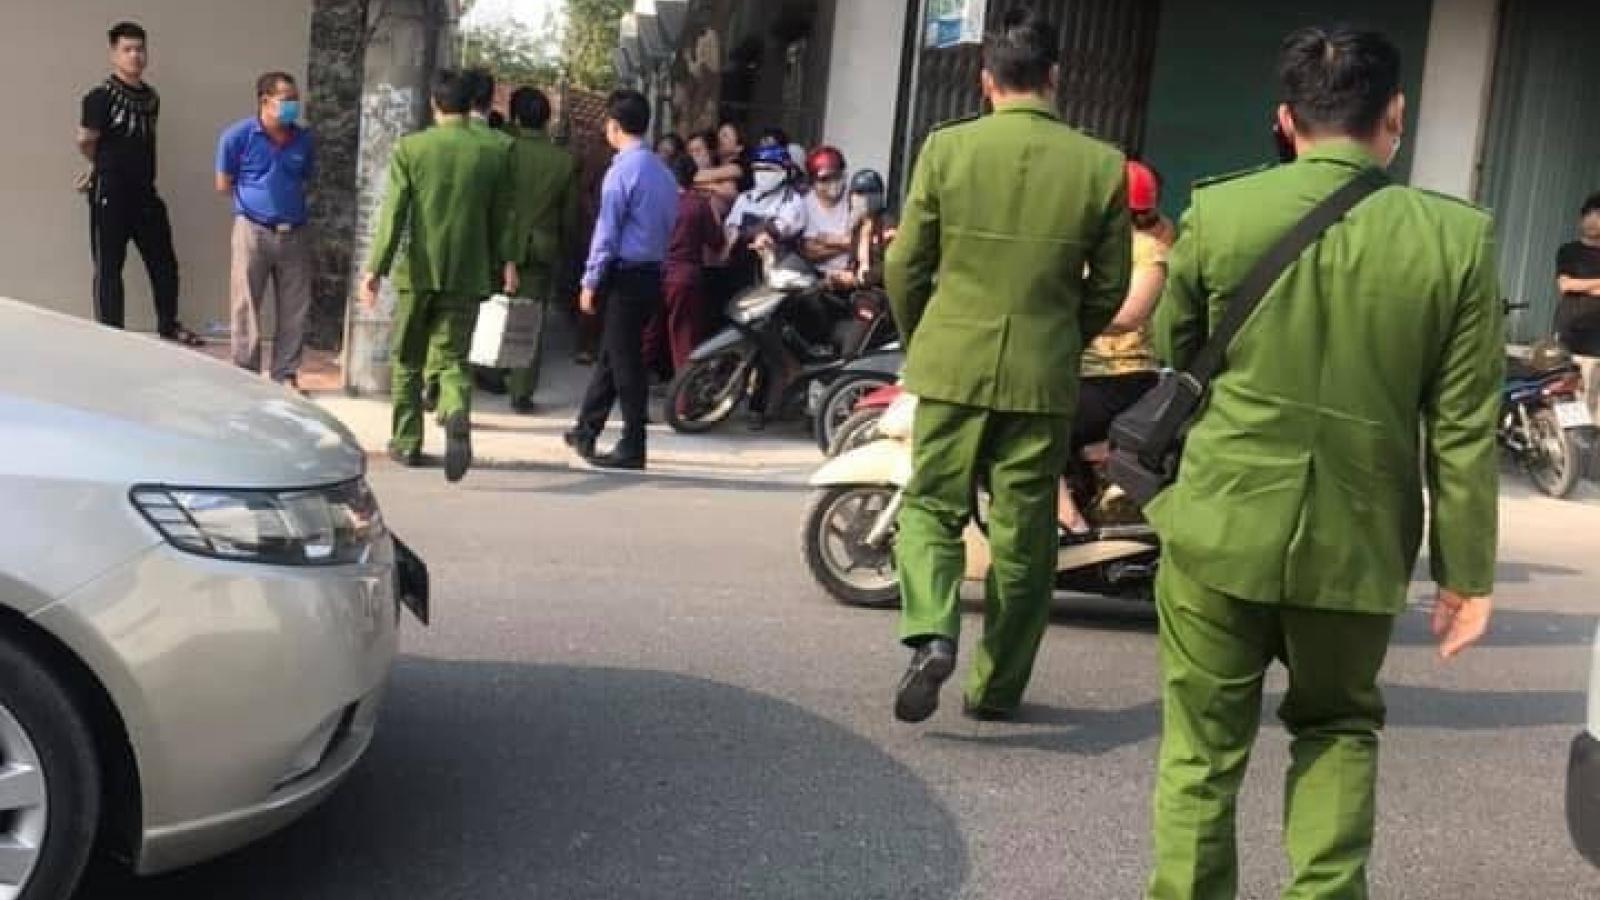 Nóng 24h: Tạm giữ nghi can vụ nữ sinh tử vong ở vườn chuối